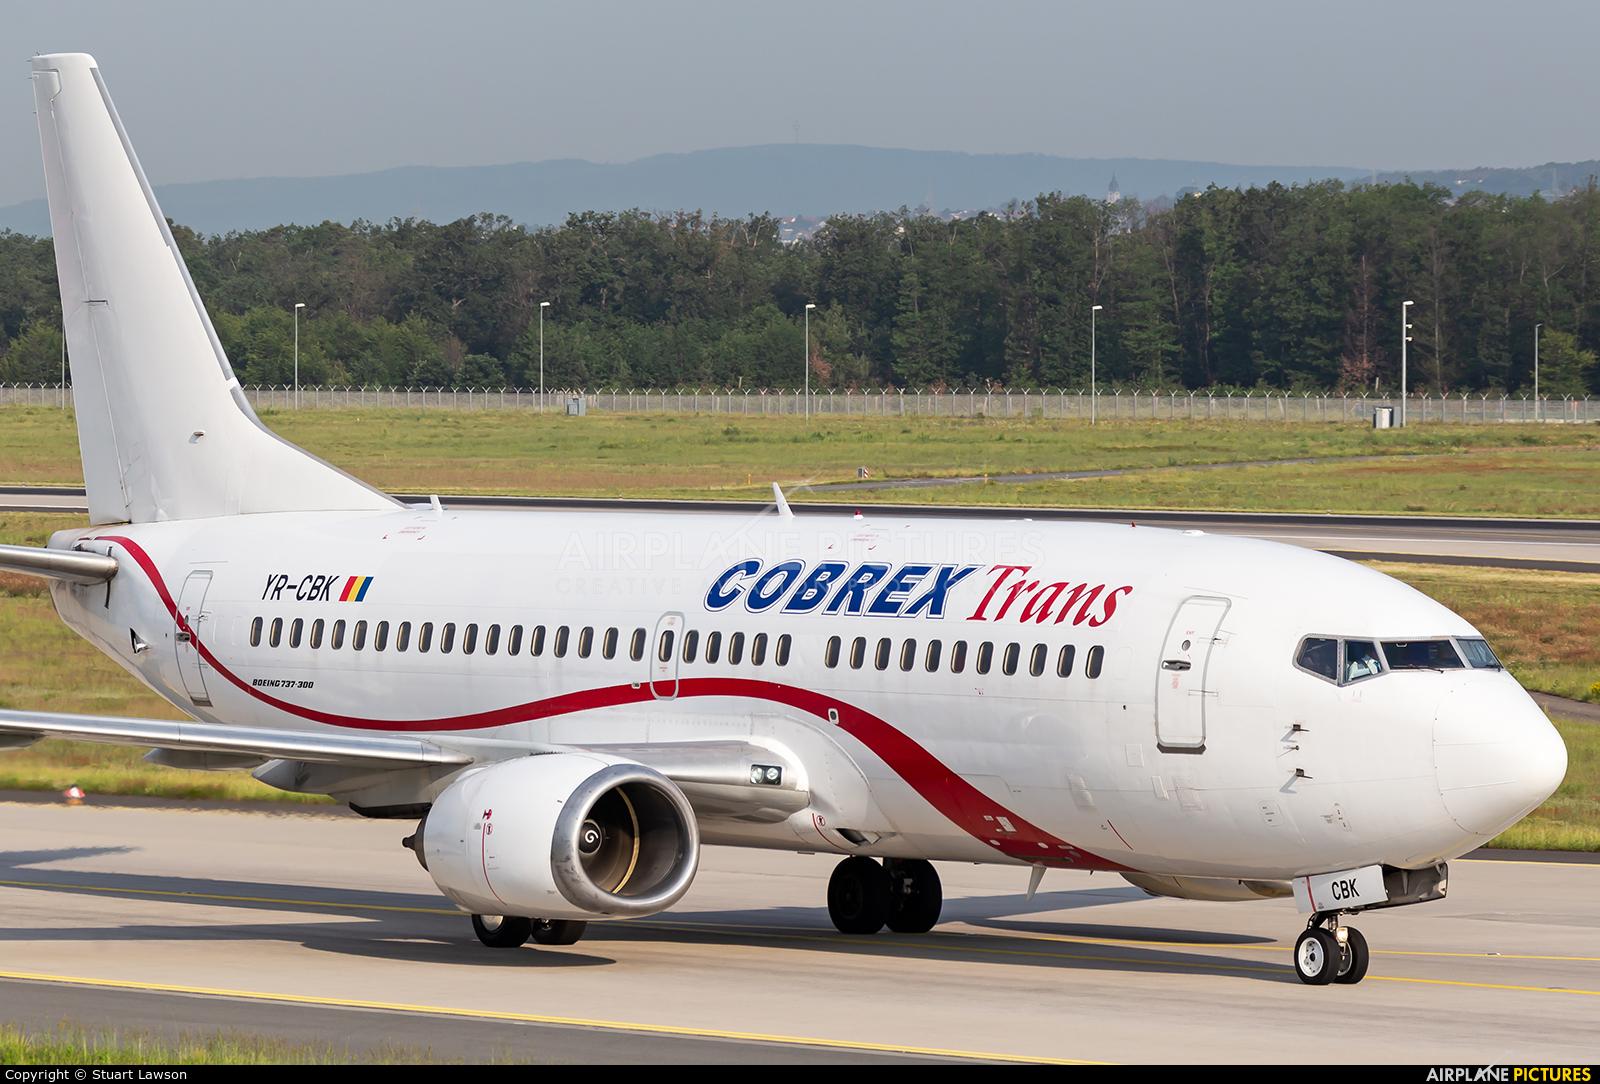 Cobrex Trans YR-CBK aircraft at Frankfurt